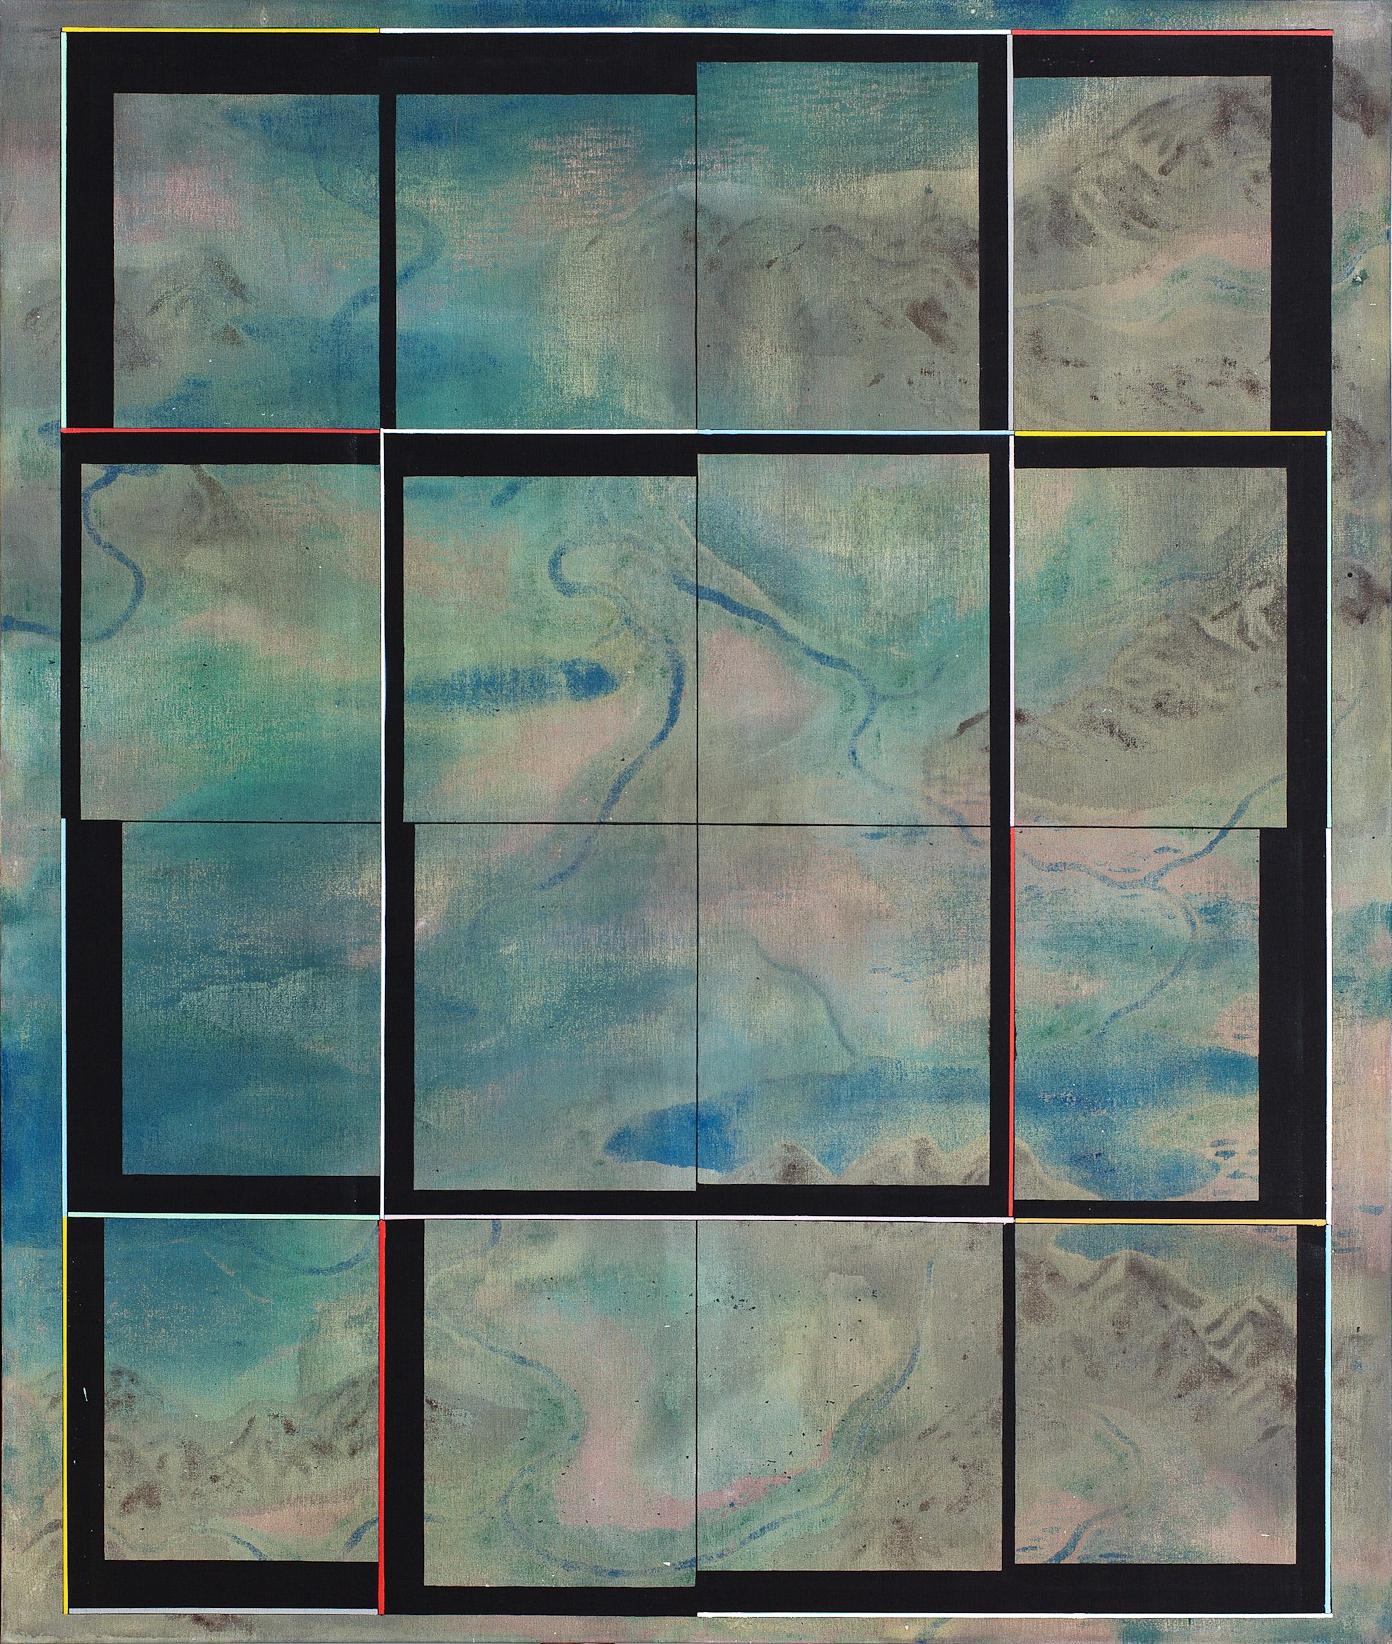 Terária č.30,(c.Obytný sektor),262x227cm,komb.tech.plátno,2012